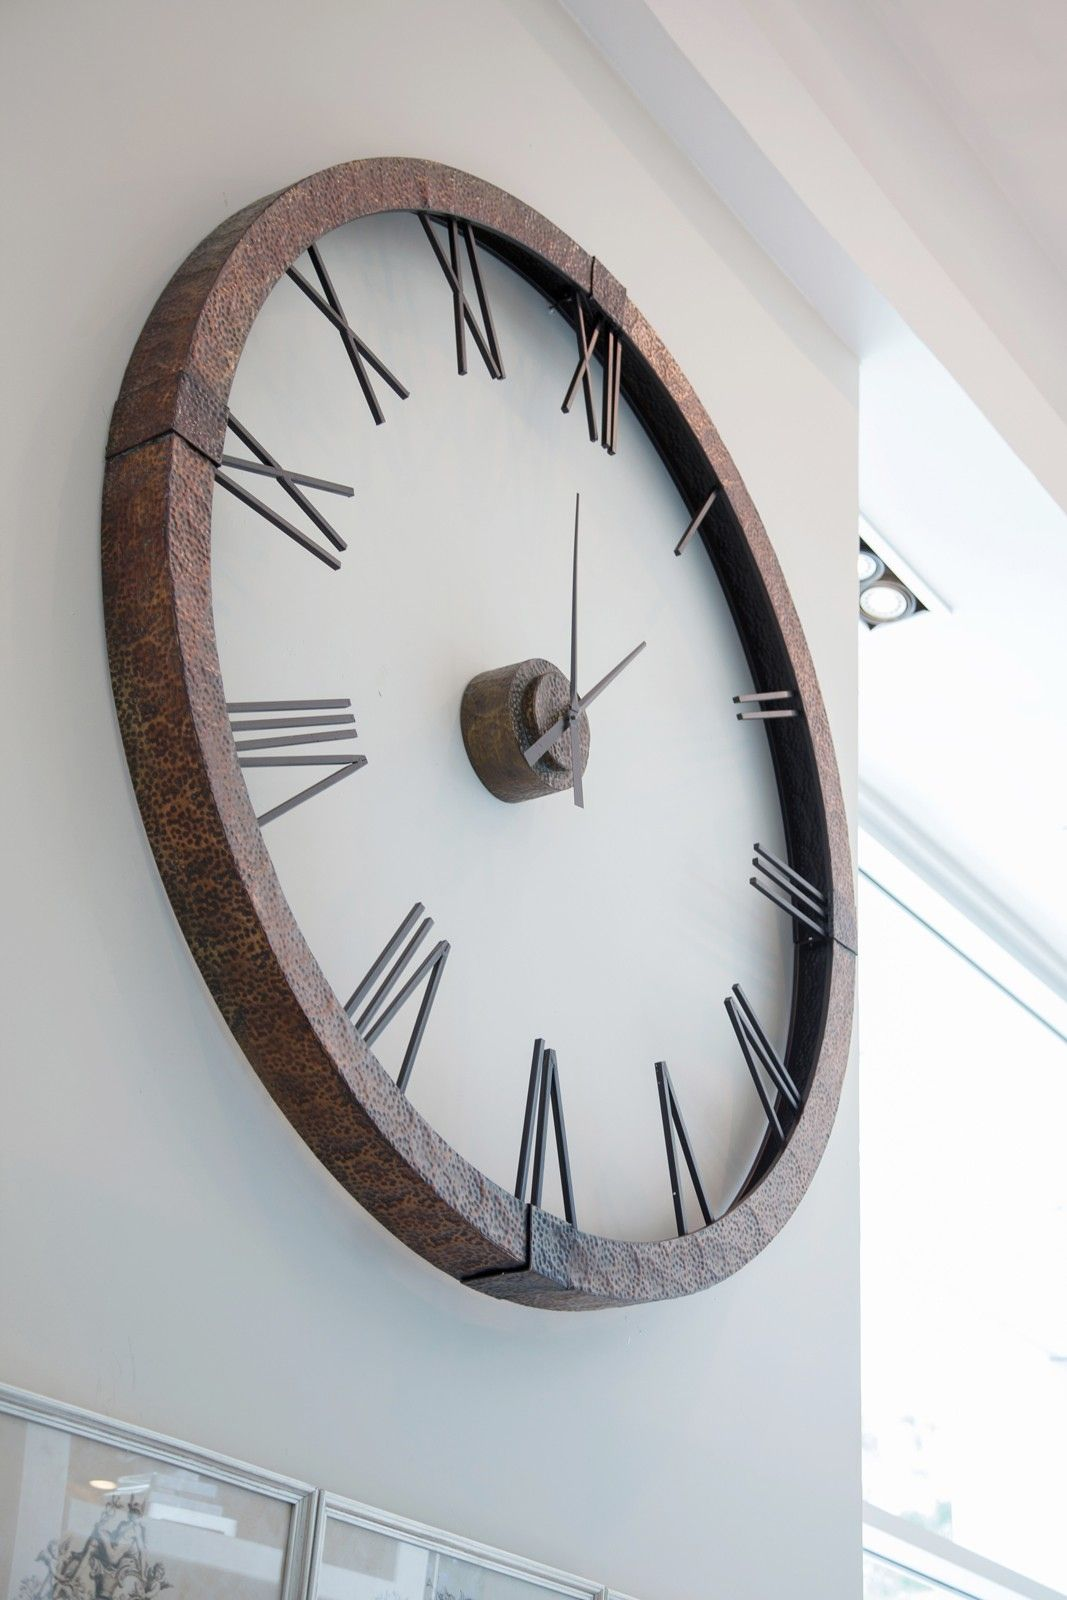 Reloj de Pared, Big clock, en Home Gallery.   Novedades!   Pinterest ...